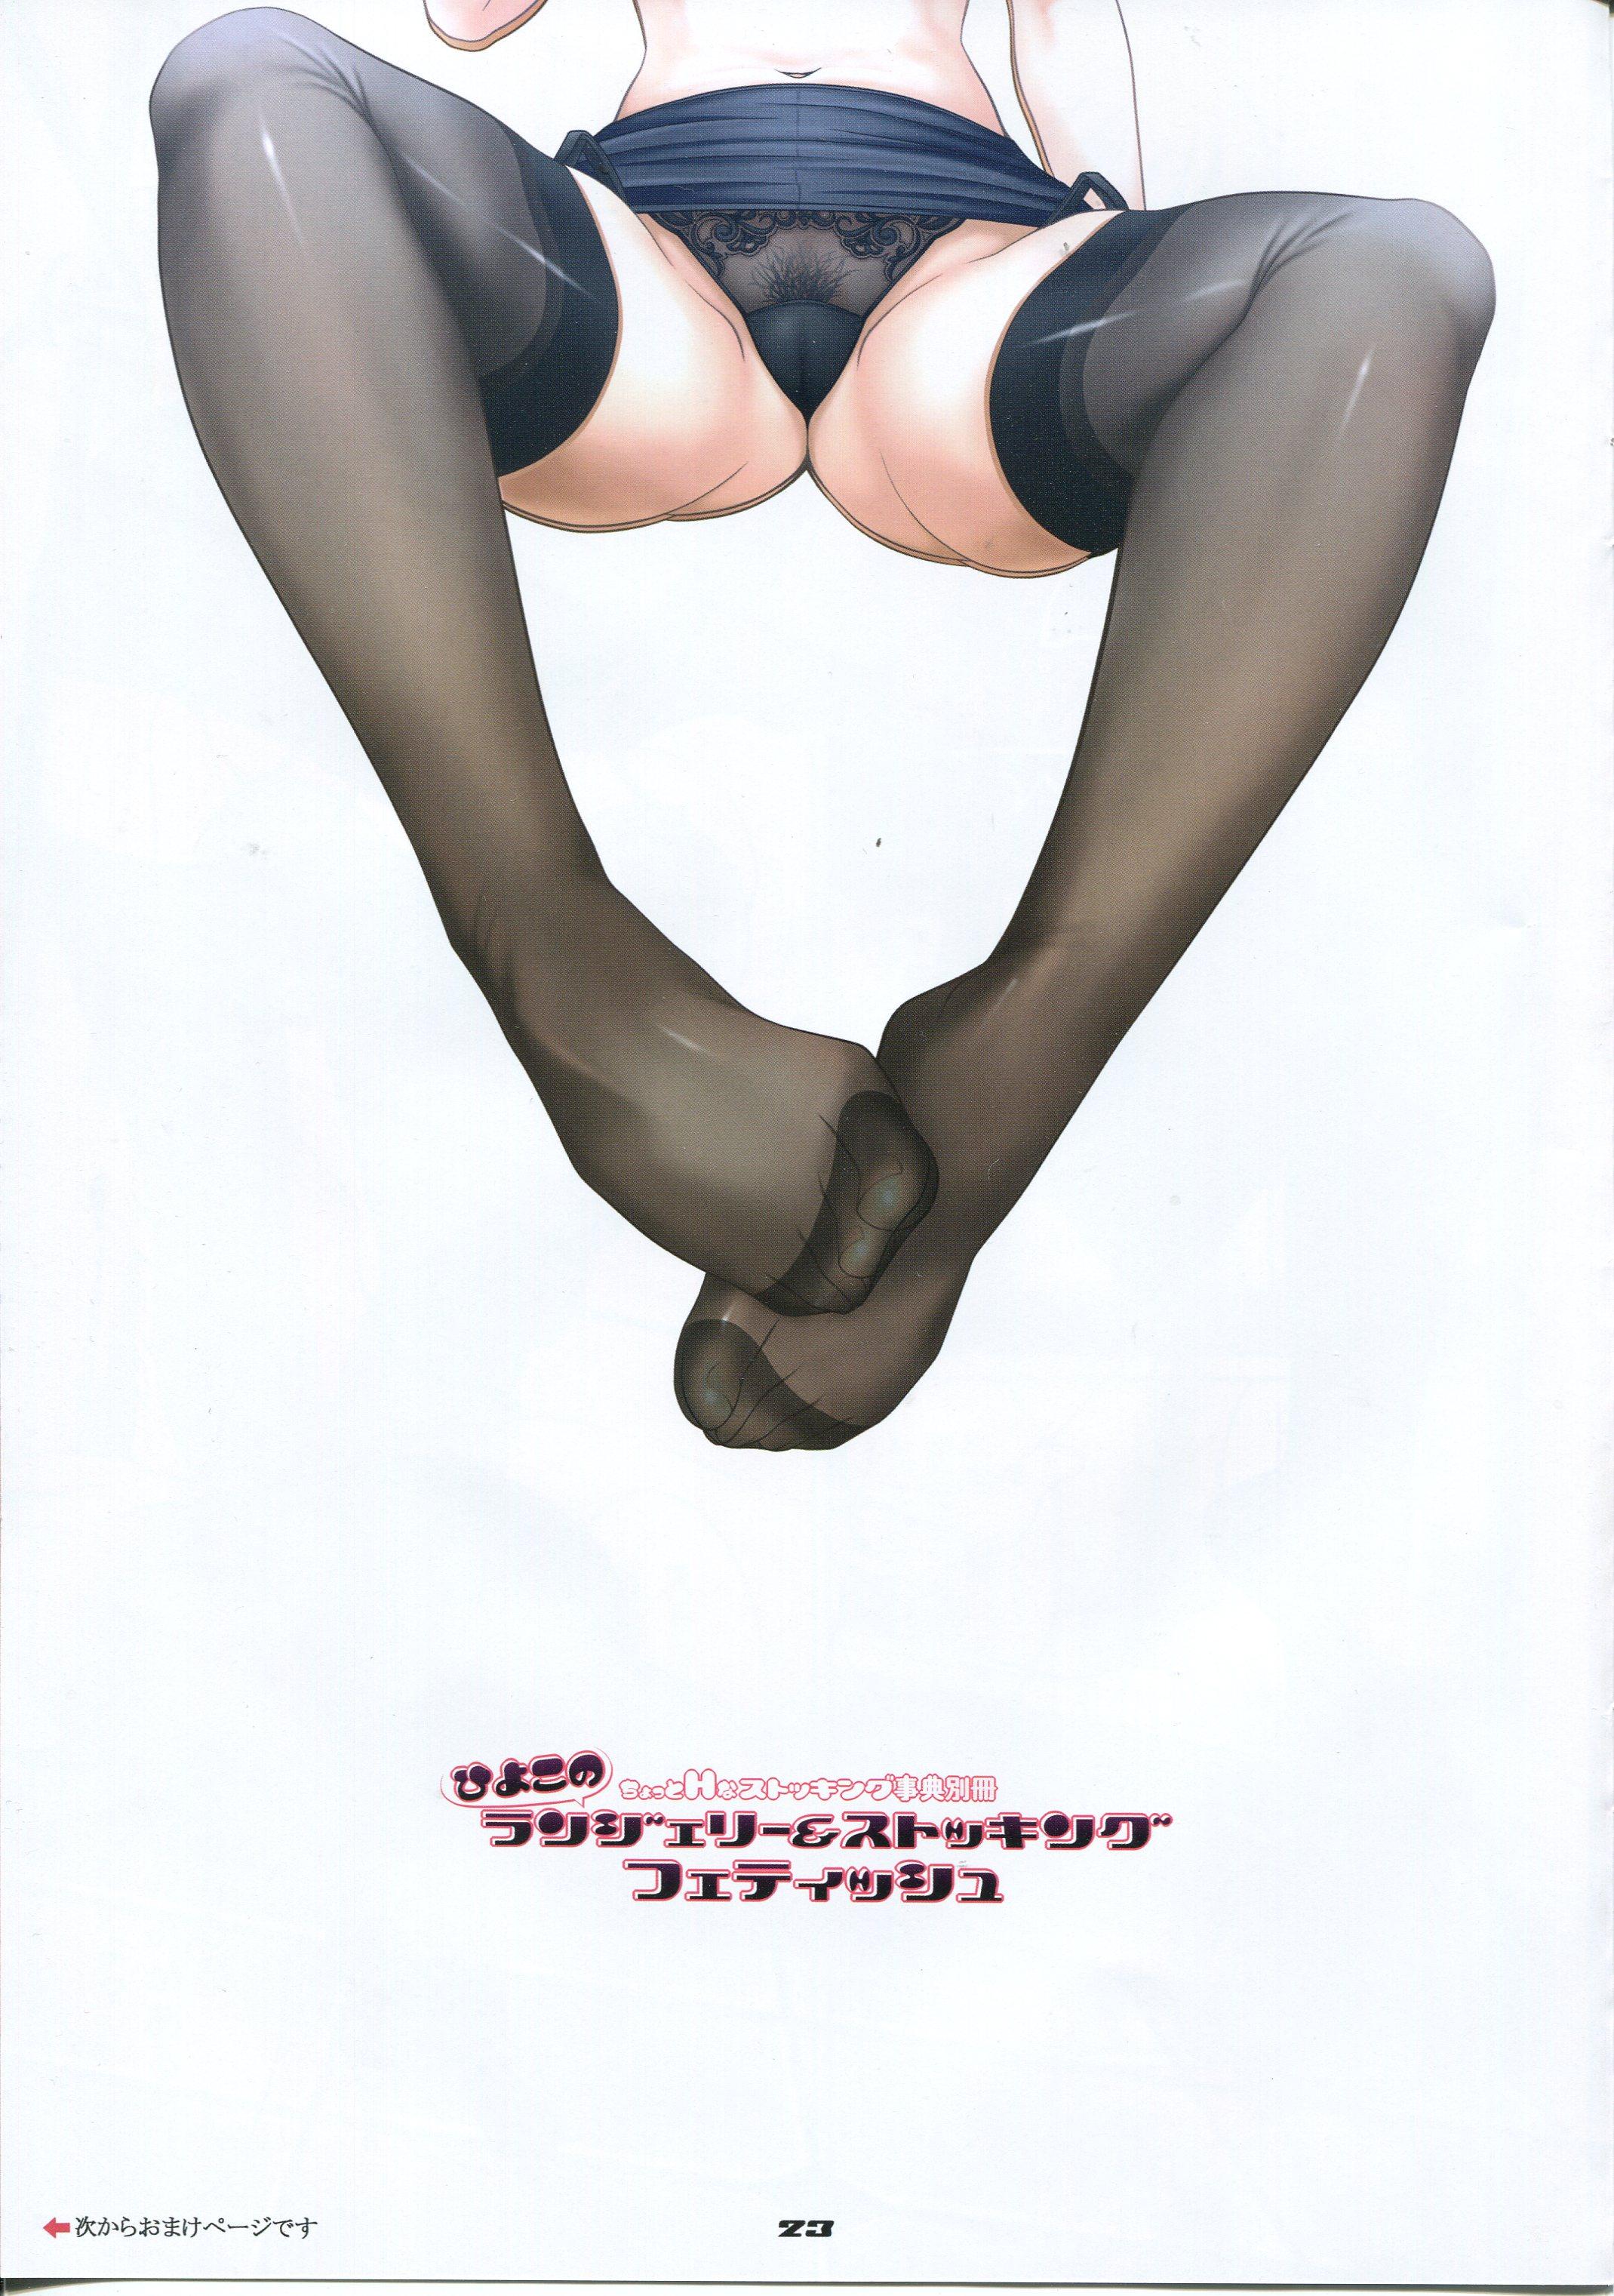 エッチなランジェリーとストッキングが好きな人の為のフルカラー漫画www (21)